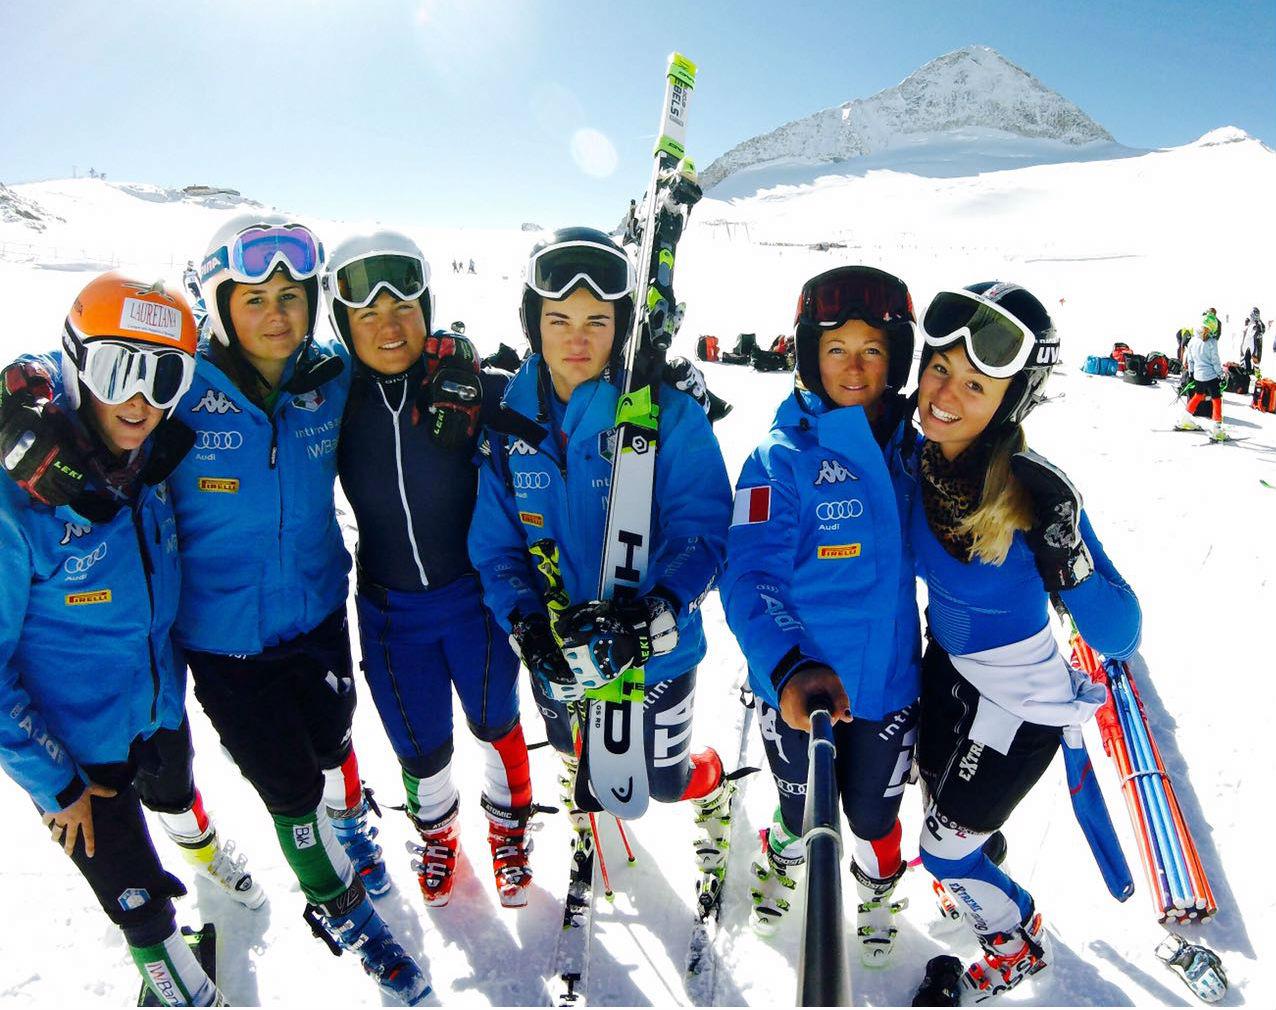 Da sinistra: Alessia Timon, Nadia Delago, Sofia Pizzato, Jole Galli, Valentina Cillara Rossi, Roberta MelesI